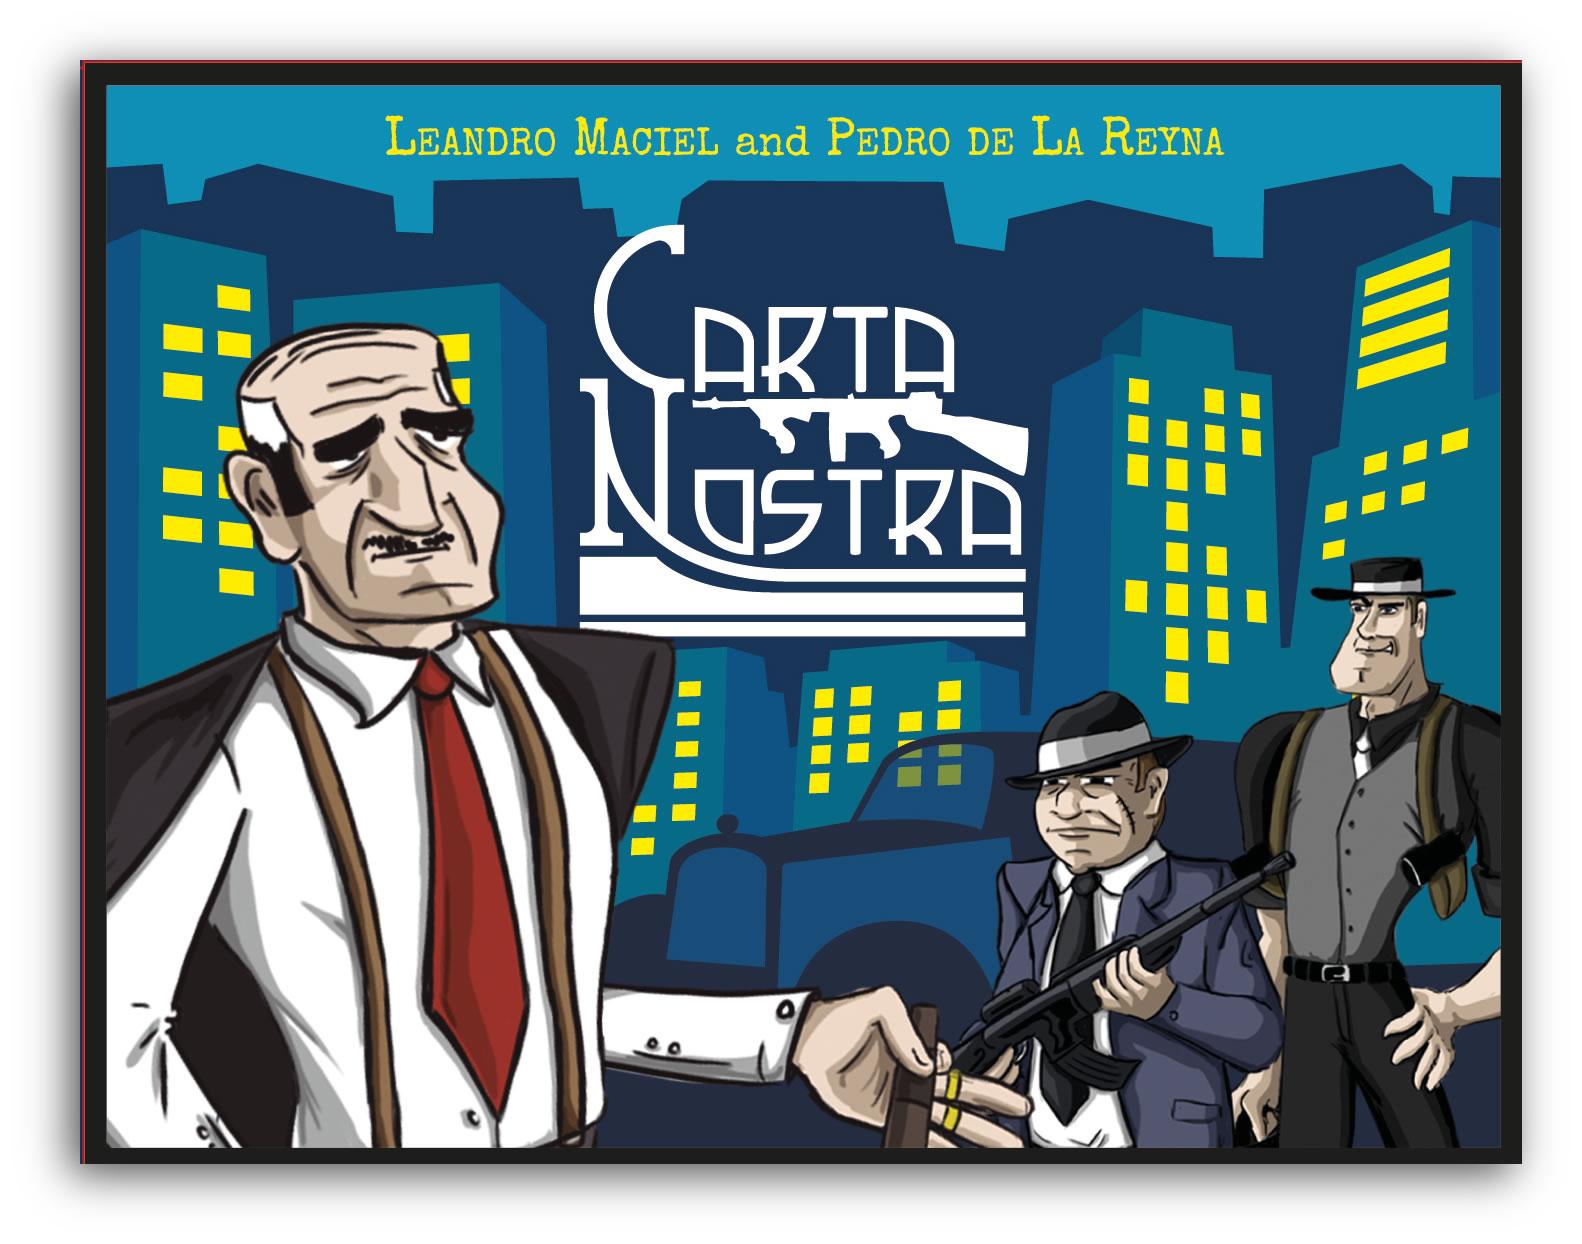 Carta Nostra - Vorbestellung zum Vorzugspreis - Erscheinungstermin 25.10.2018